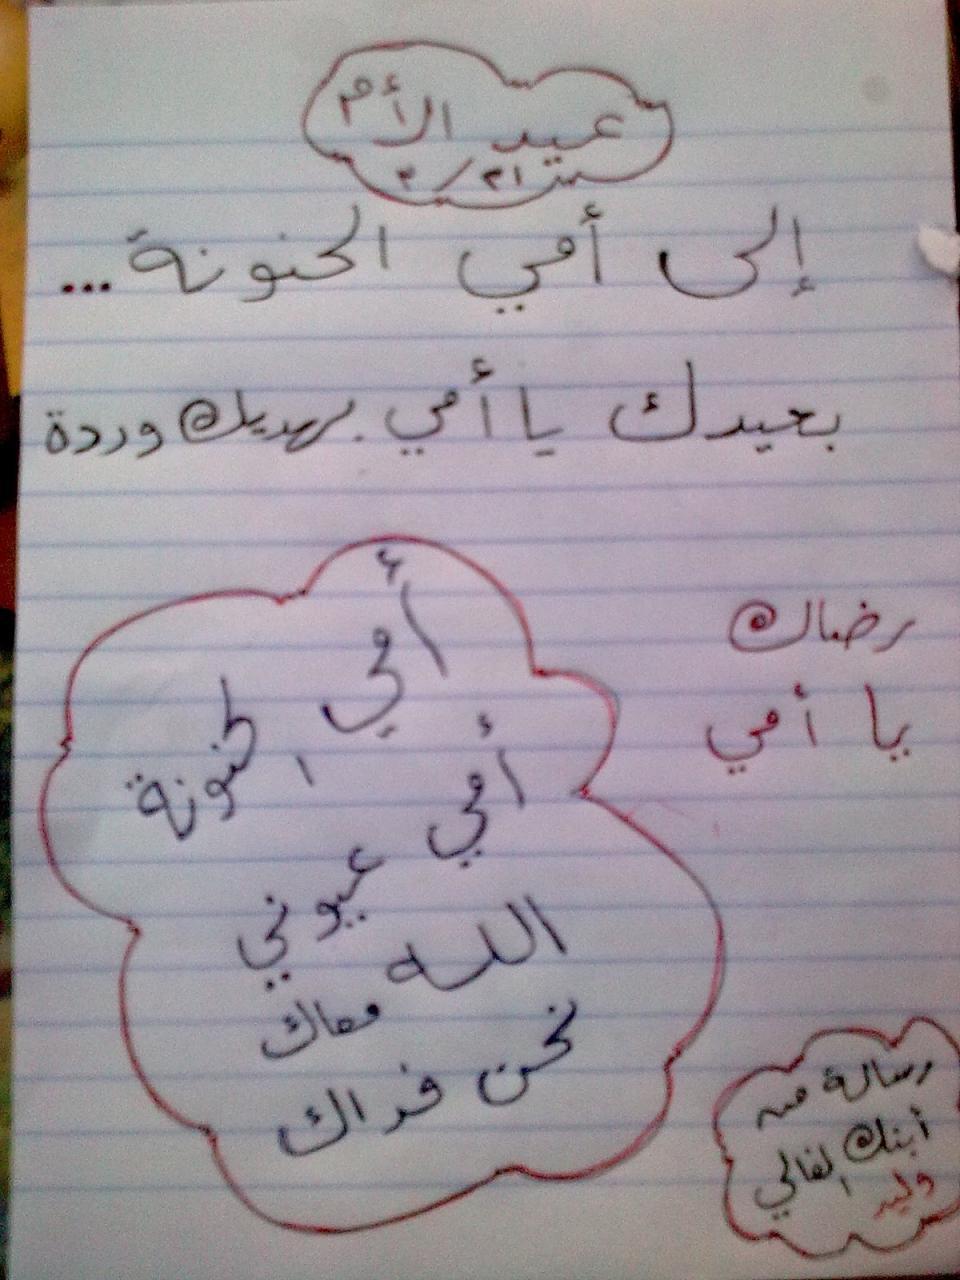 صورة رسالة الى امي الحبيبة , كلمه فى رساله لامى